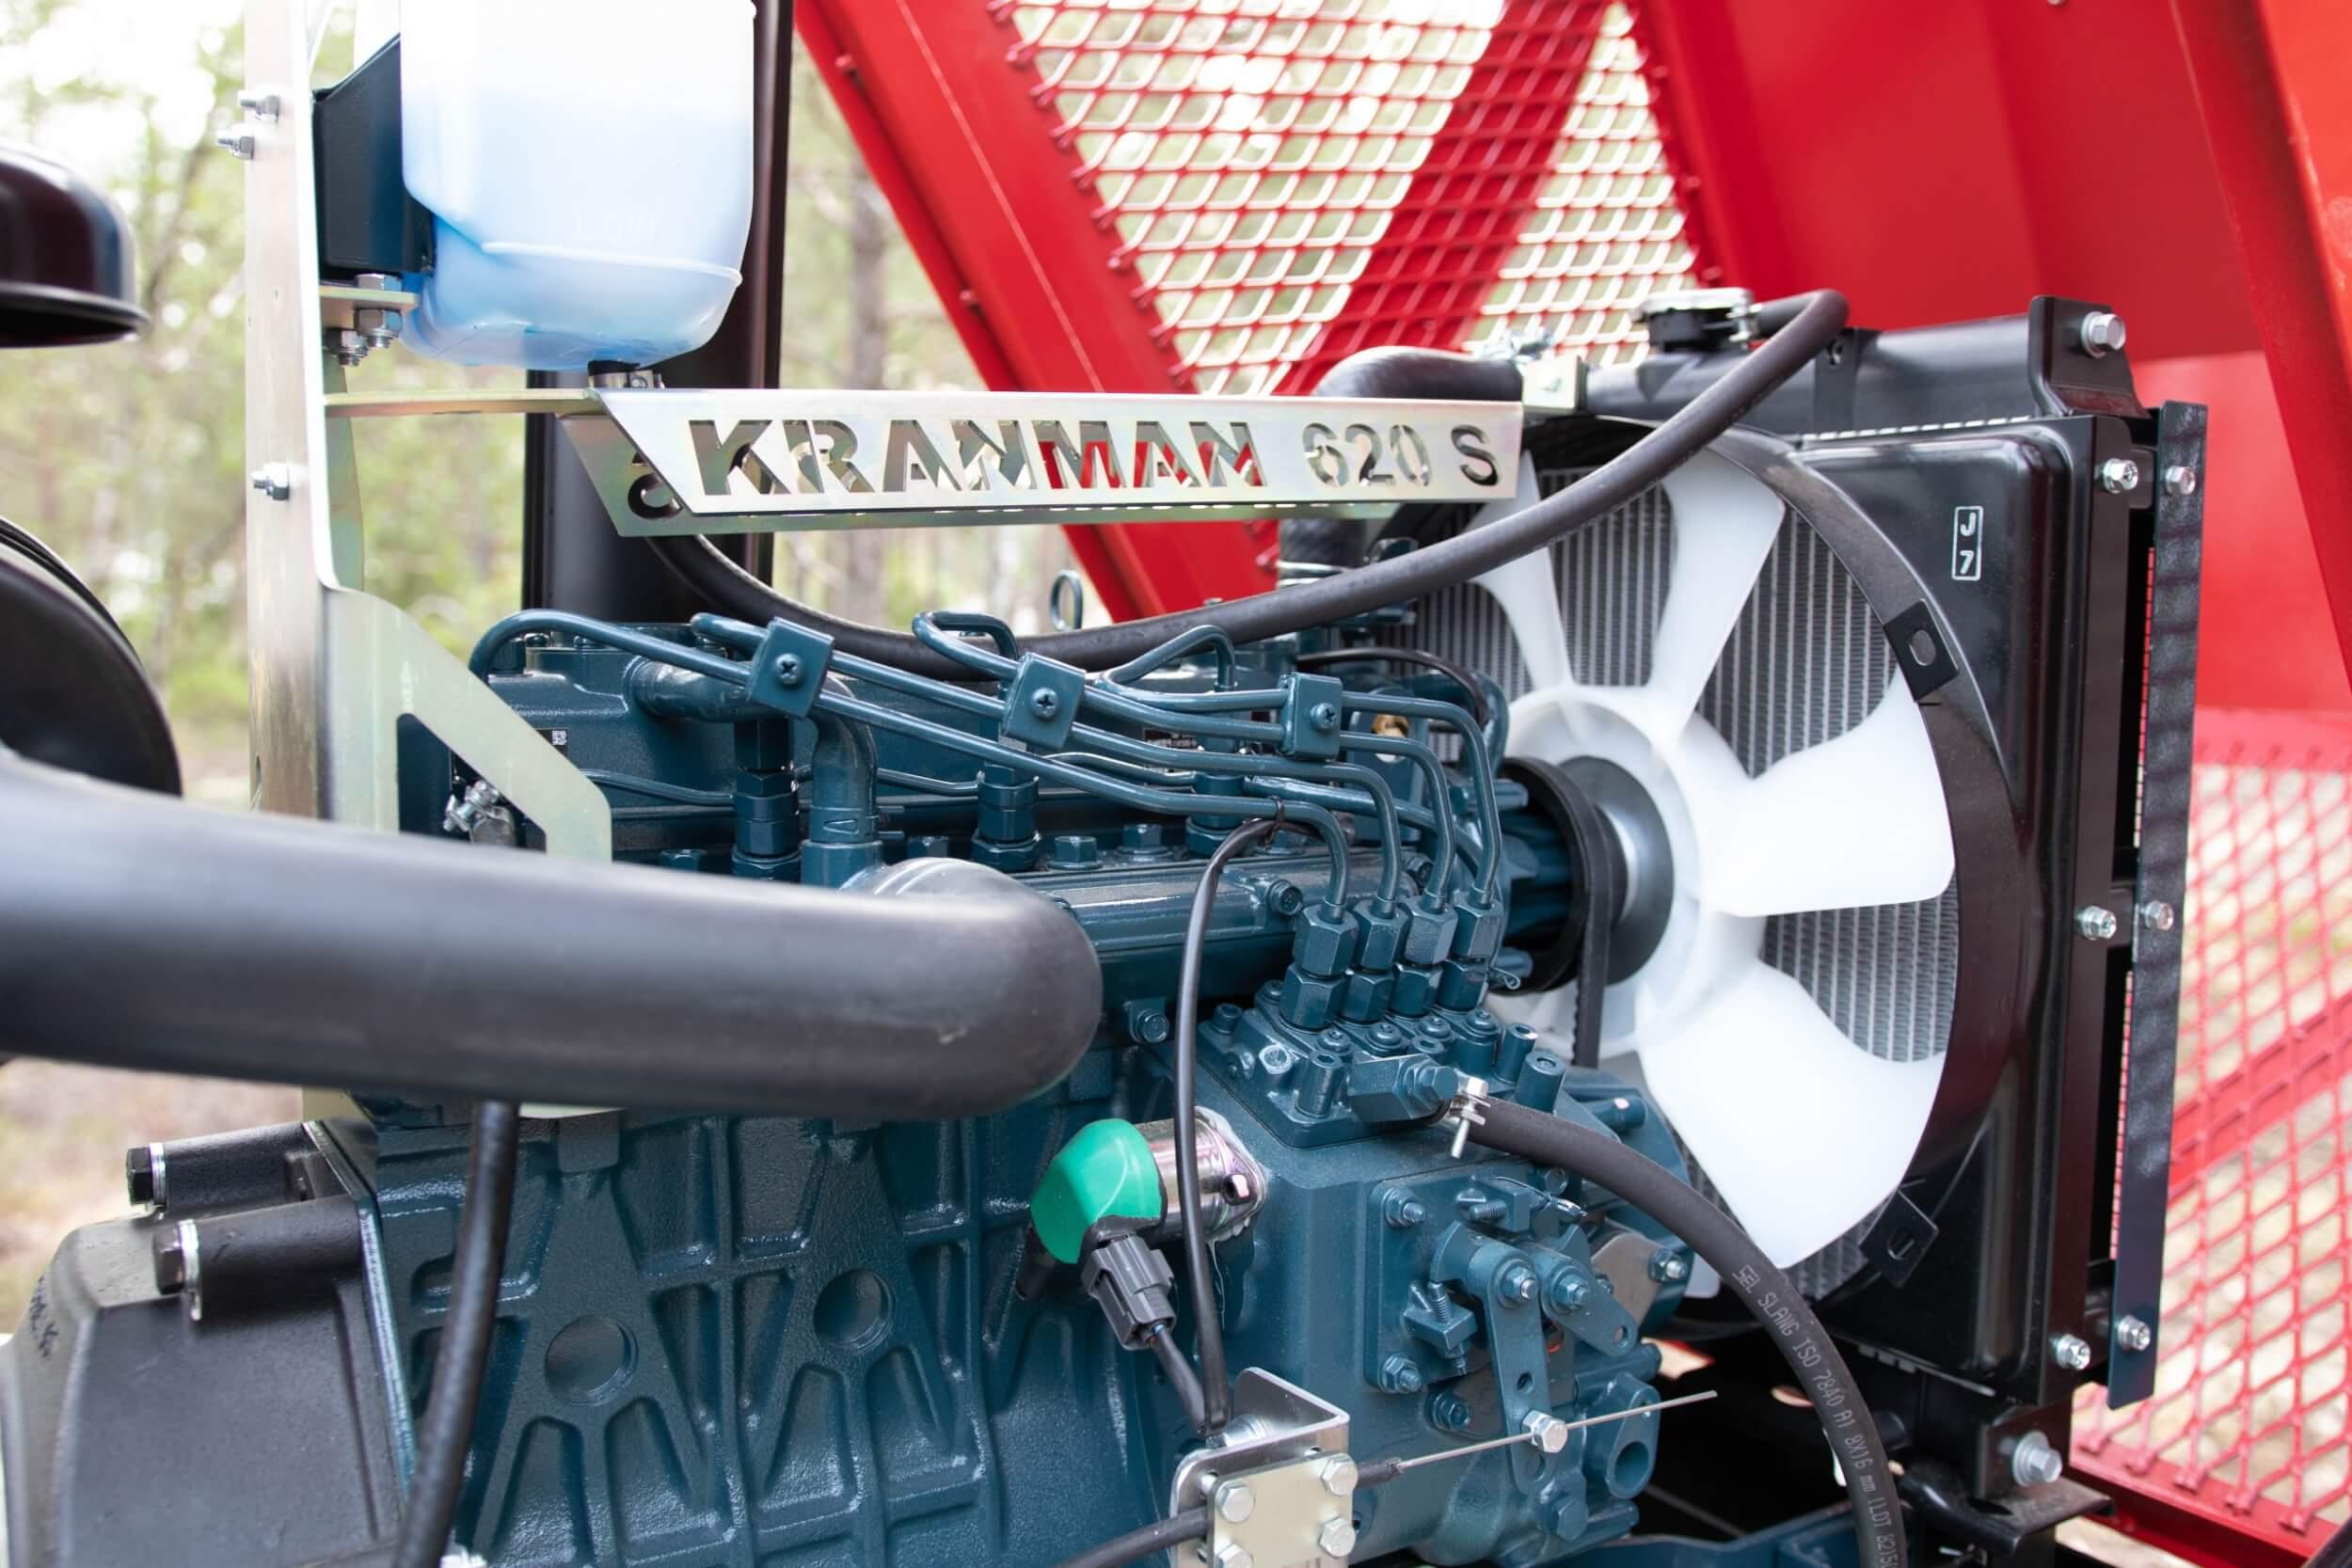 Kubota motor i skördare 620S